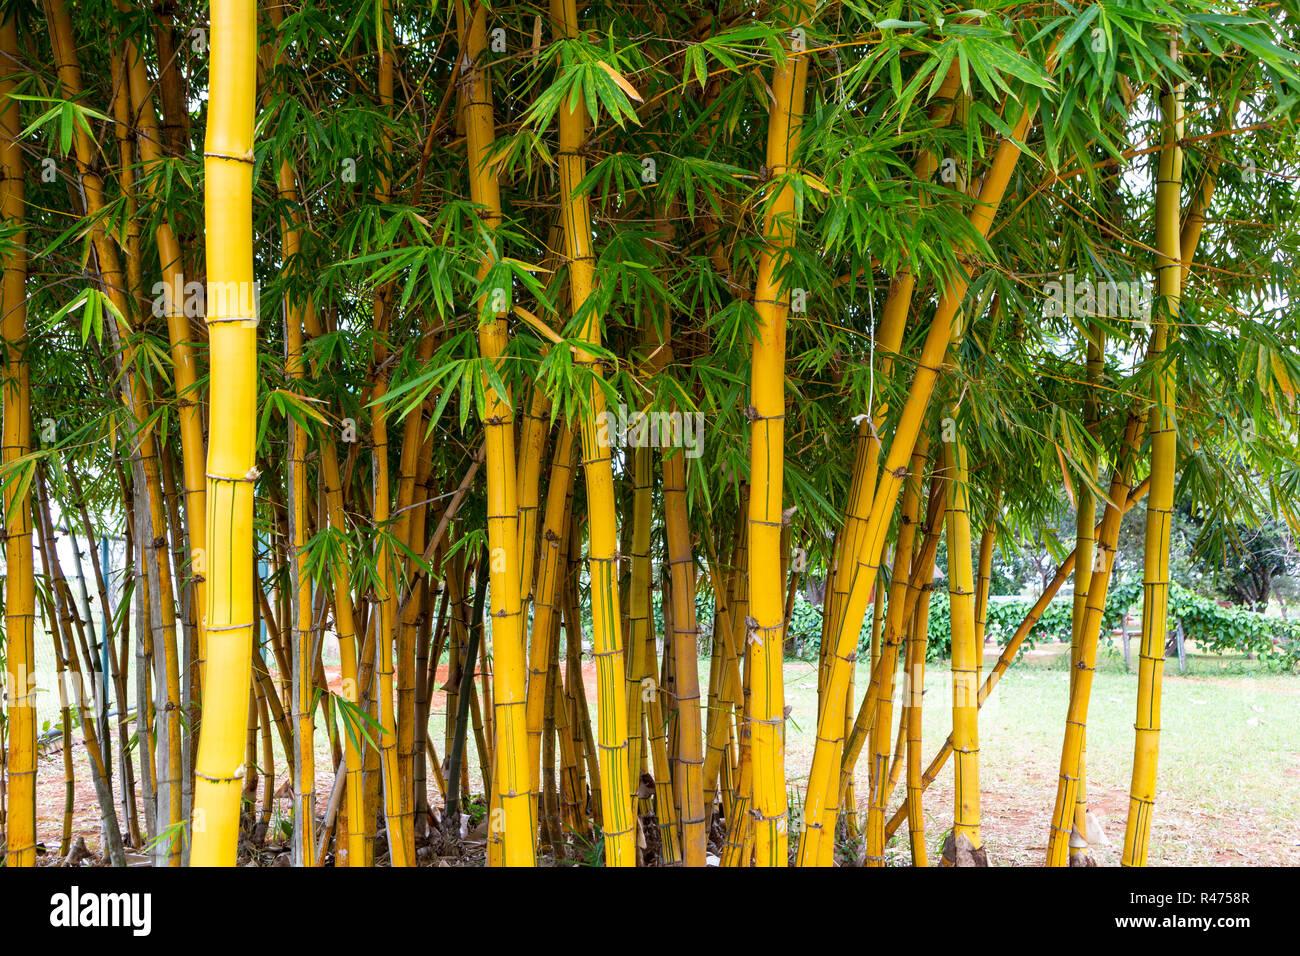 Bambus Garden Halle